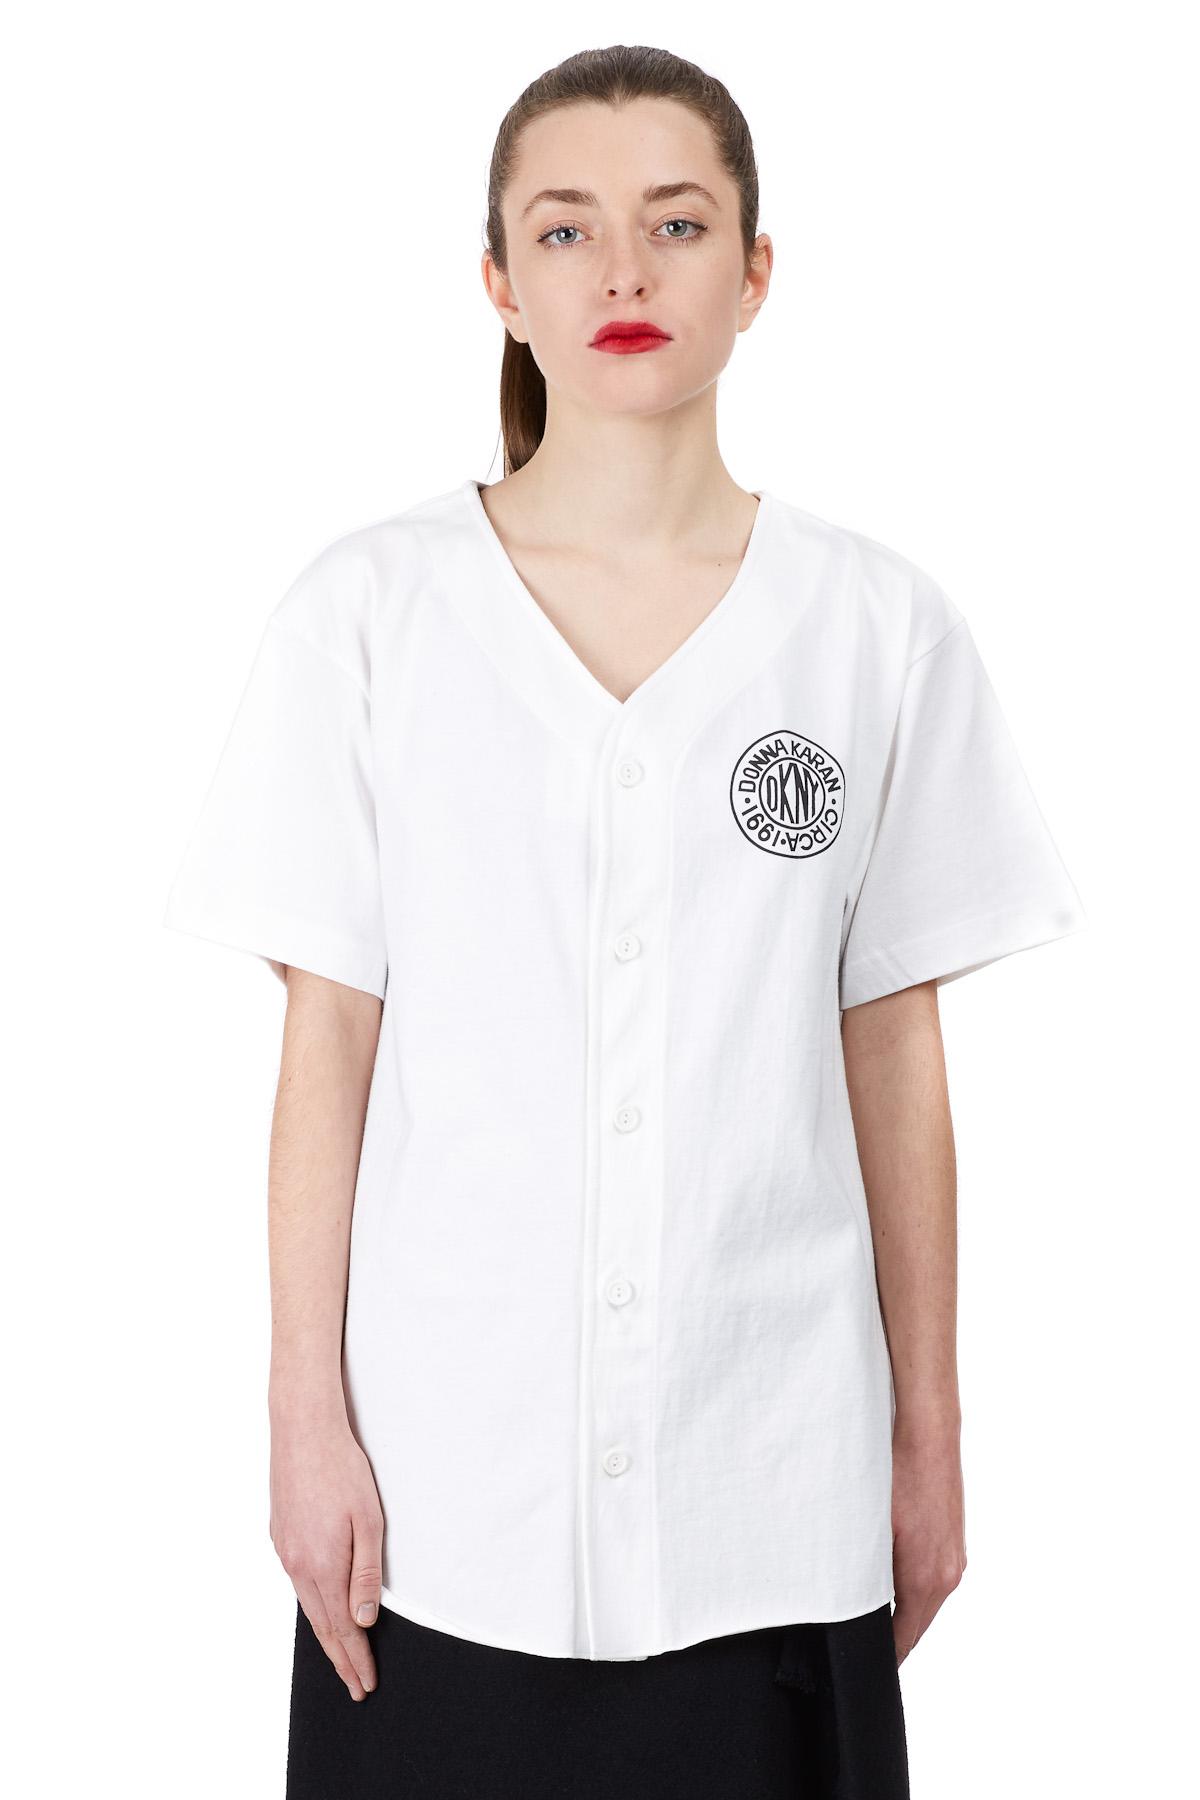 Dkny for opening ceremony dkny token logo baseball shirt